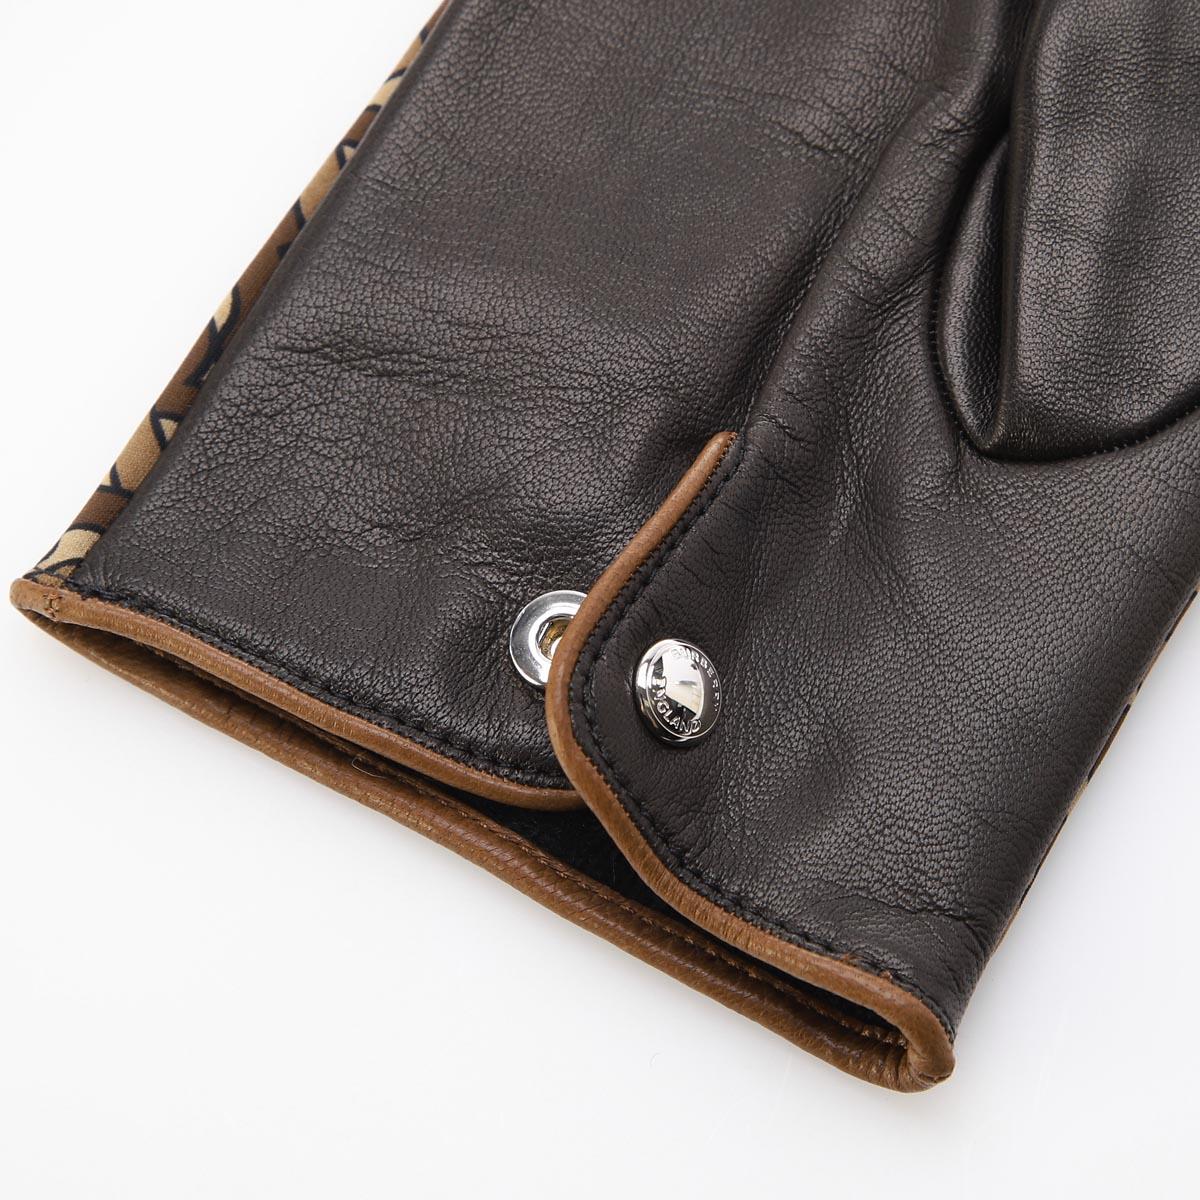 【タイムセール ACCS】【アウトレット】BURBERRY バーバリー グローブ/手袋/LG CLASSIC GLOVES メンズ